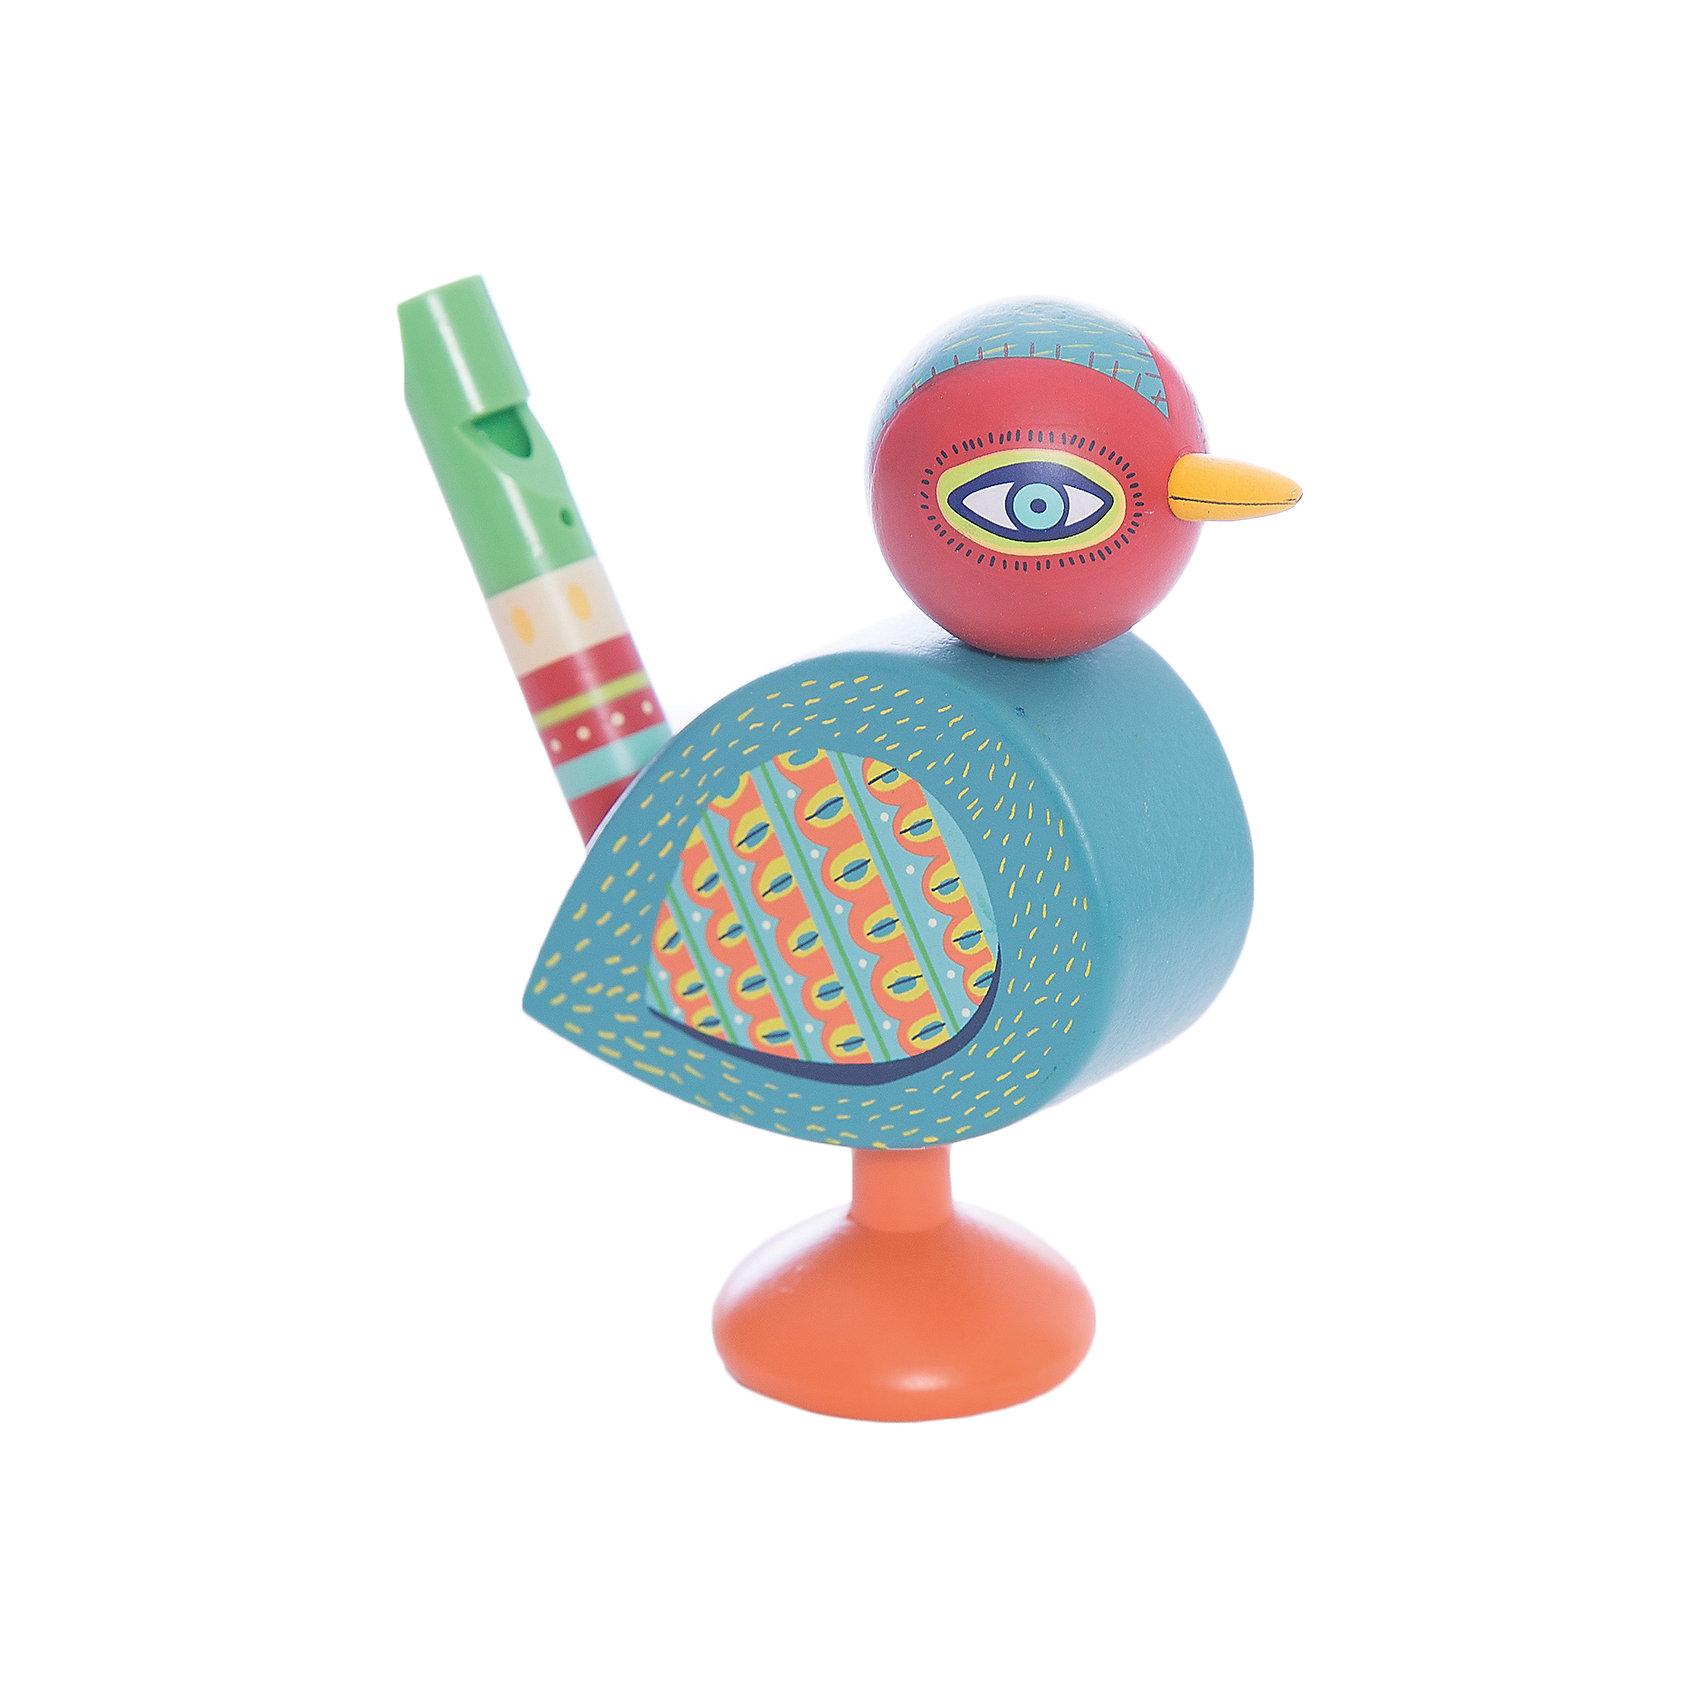 Свистулька, DJECOМузыкальные инструменты и игрушки<br>Чудесная красочная свистулька, Djeco (Джеко), непременно привлечет внимание Вашего малыша и отлично подойдет в качестве его первого музыкального инструмента. Игрушка выполнена  в виде очаровательной разноцветной птички с хвостиком-свистулькой. Размер и формы очень удобны для маленьких ручек малыша. Свистулька изготовлена из высококачественного дерева и покрыта безопасными нетоксичными красками. Игрушка способствует развитию музыкального слуха и творческих способностей ребенка, тренирует мелкую моторику.<br><br>Дополнительная информация:<br><br>- Материал: дерево.<br>- Размер: 10,9 х 3,55 х 10,7 см. <br><br>Свистульку, Djeco (Джеко), можно купить в нашем интернет-магазине.<br><br>Ширина мм: 30<br>Глубина мм: 280<br>Высота мм: 10<br>Вес г: 90<br>Возраст от месяцев: 36<br>Возраст до месяцев: 72<br>Пол: Унисекс<br>Возраст: Детский<br>SKU: 4215021